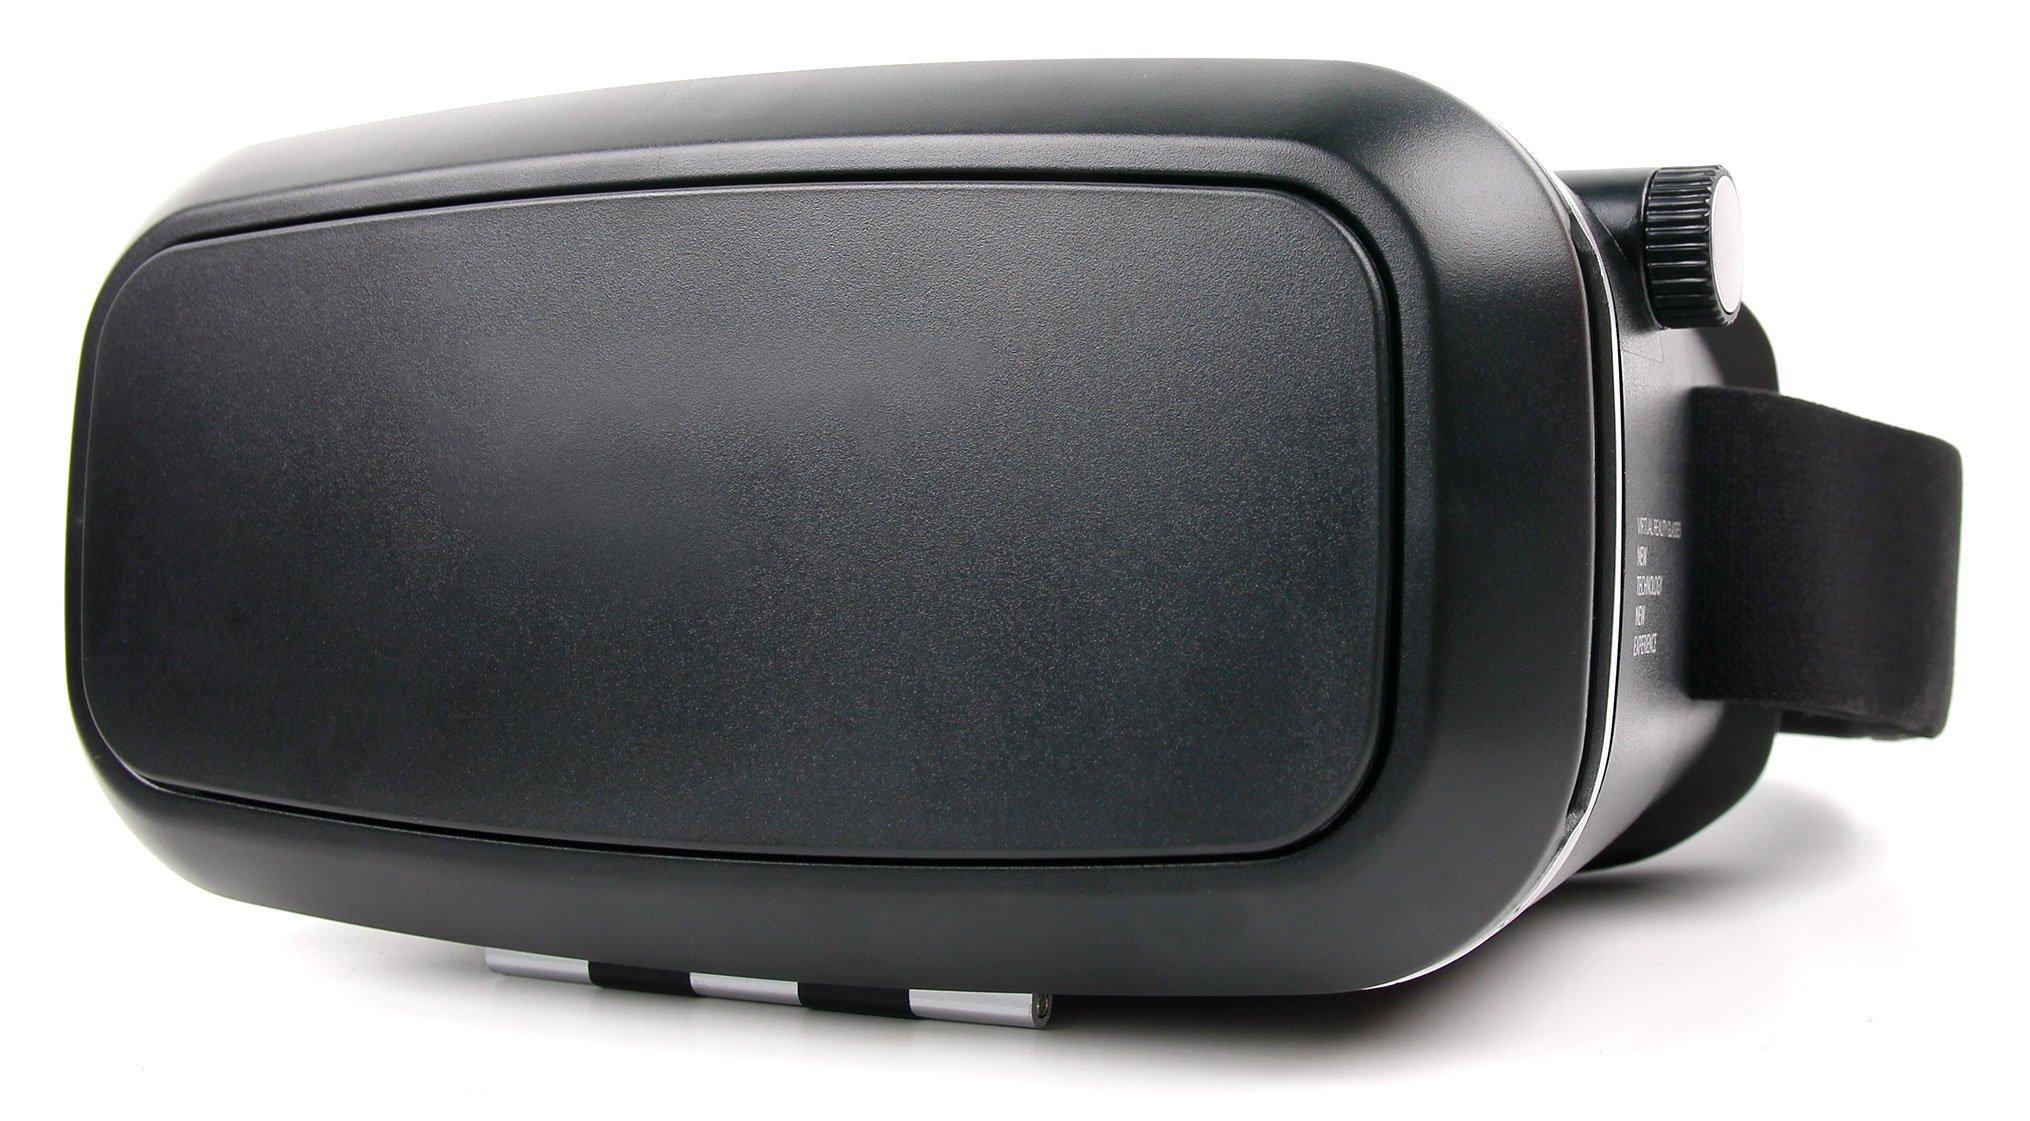 Duragadget Masque VR de réalité virtuelle Carton ou Plastique Rigide pour Samsung Galaxy J3 2017 & 2016 / J7 2017 / J5 2017 & 2016 Smartphone